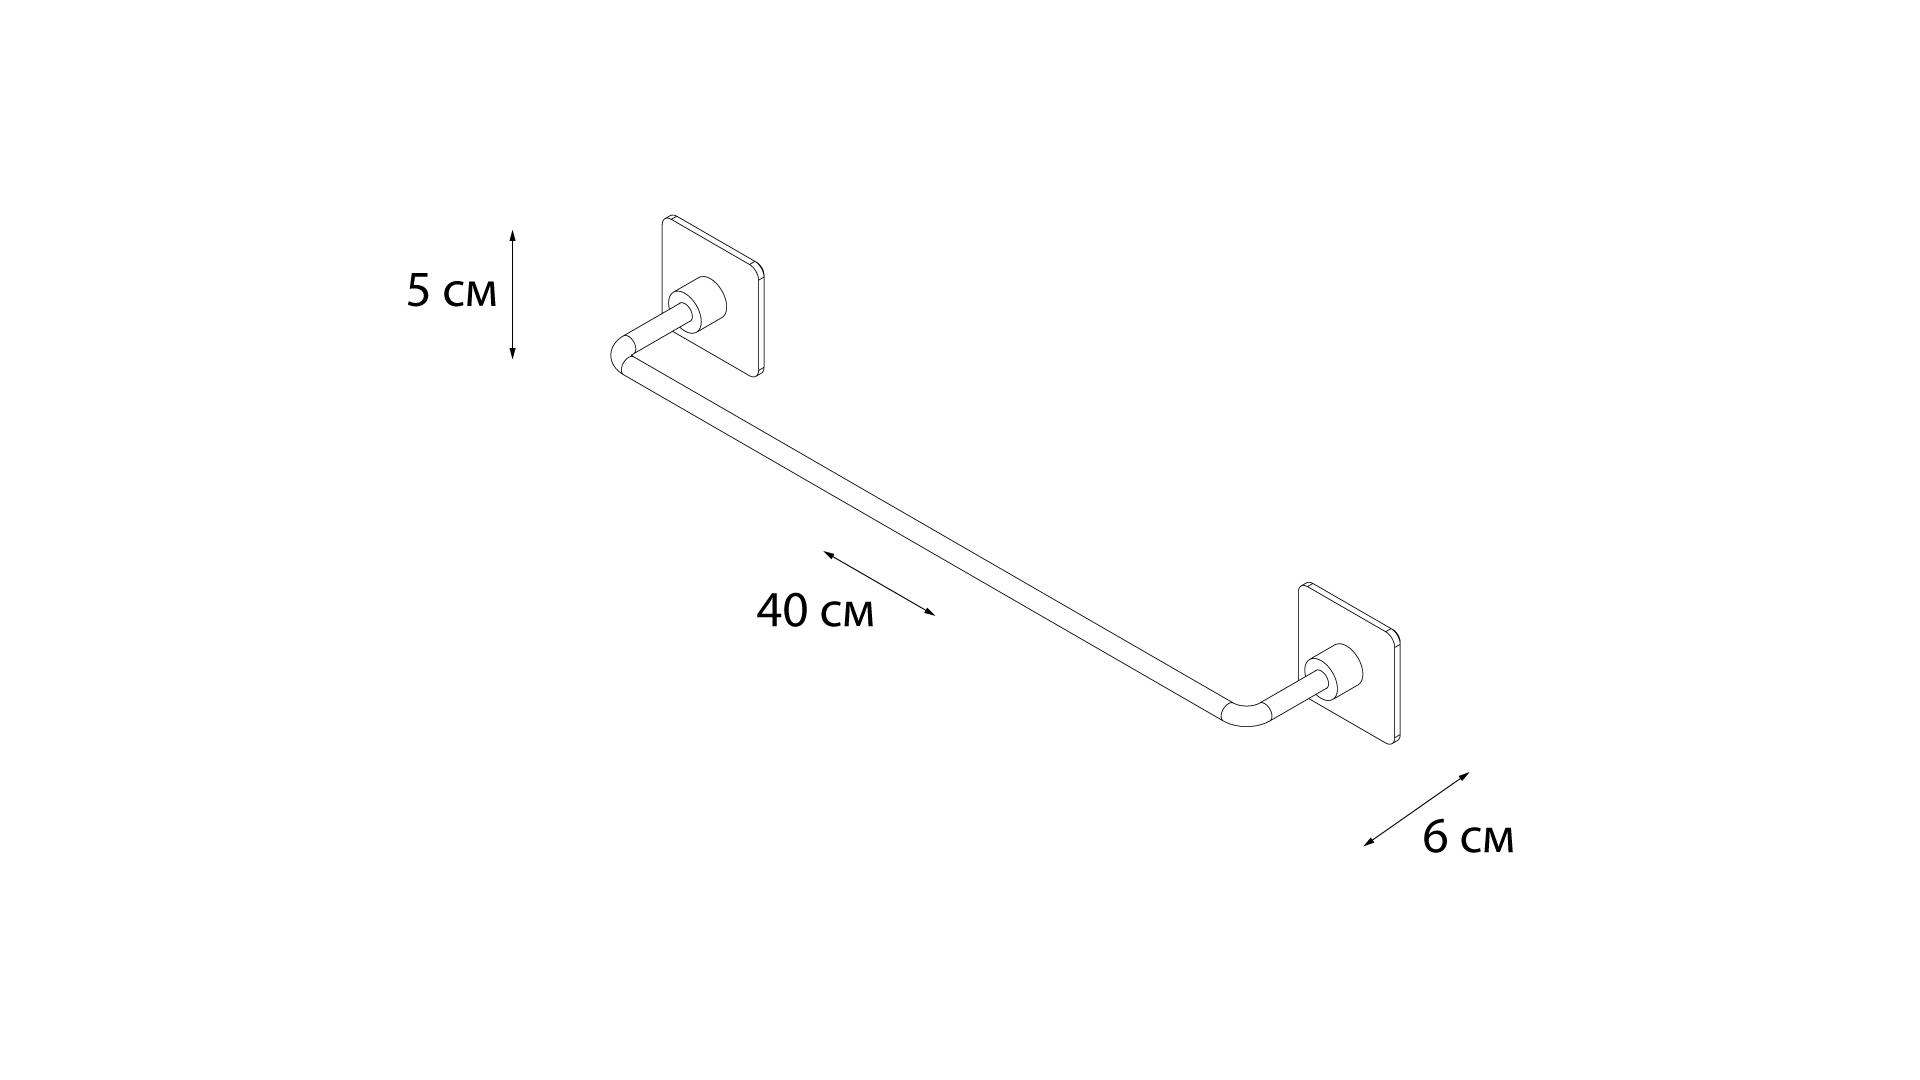 Полотенцедержатель трубчатый 40 см Square